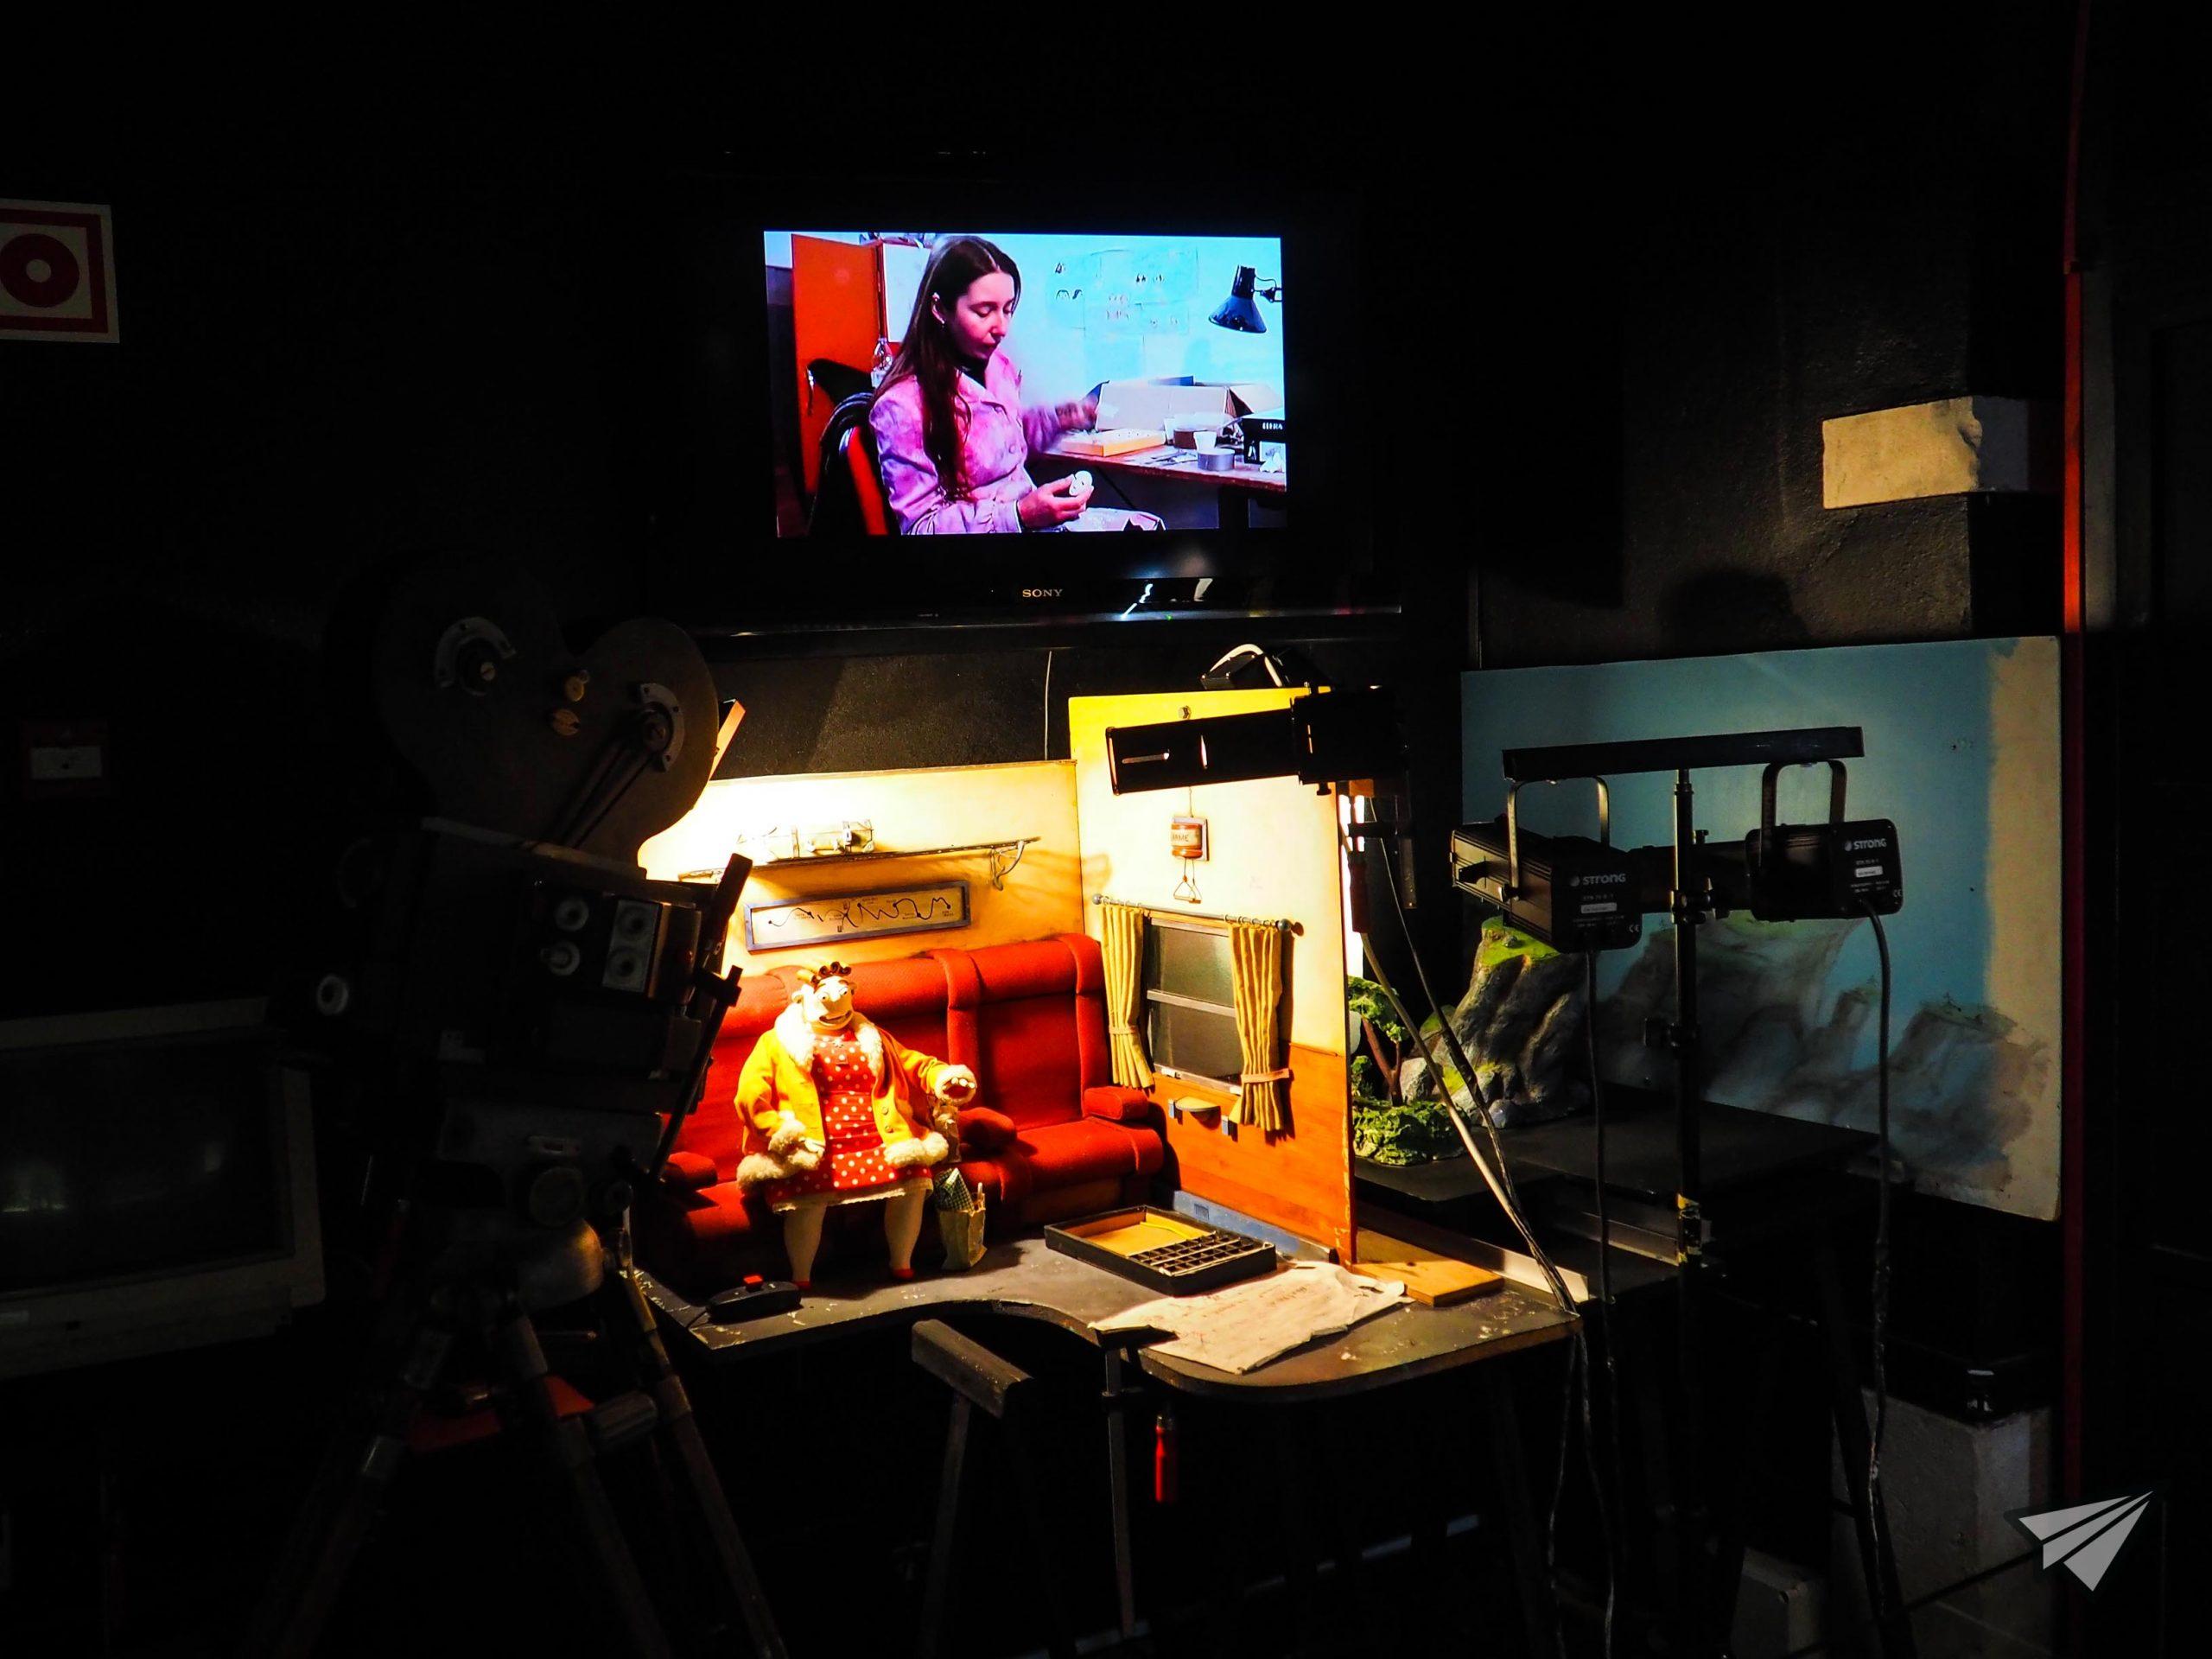 Museu da Marioneta filming